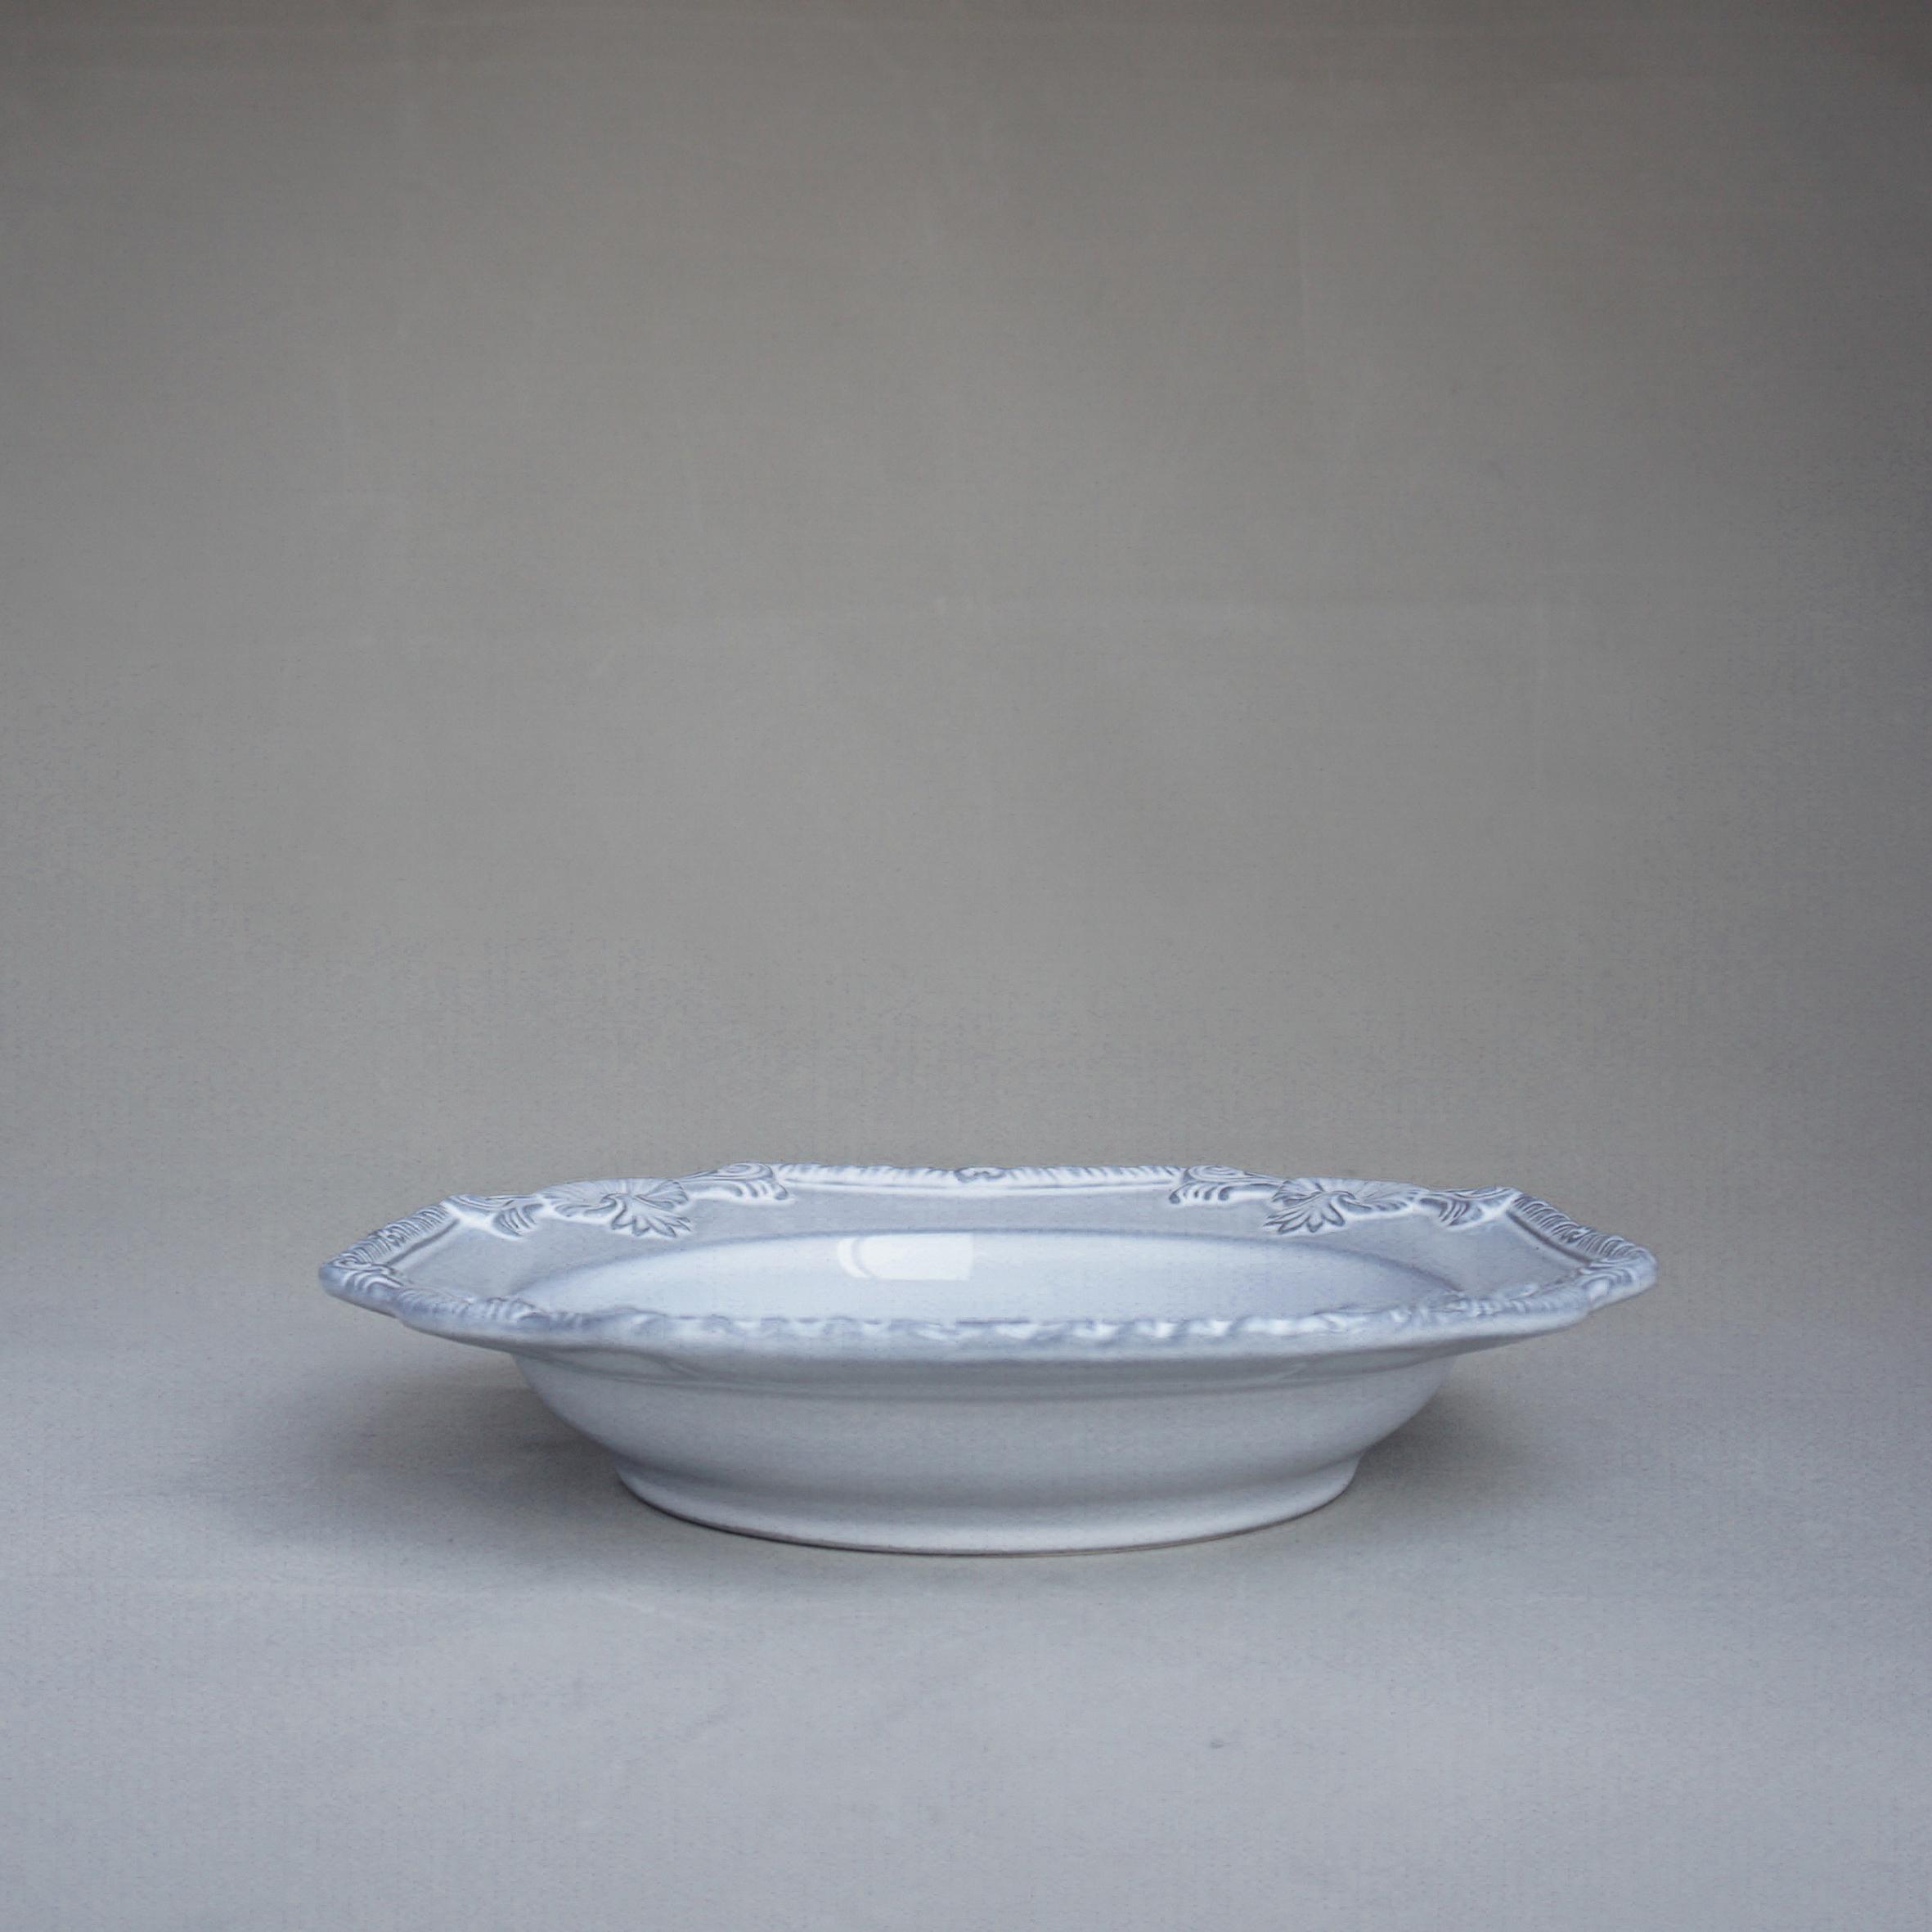 グレーシュ ルネッサンスパスタプレート (25cm)